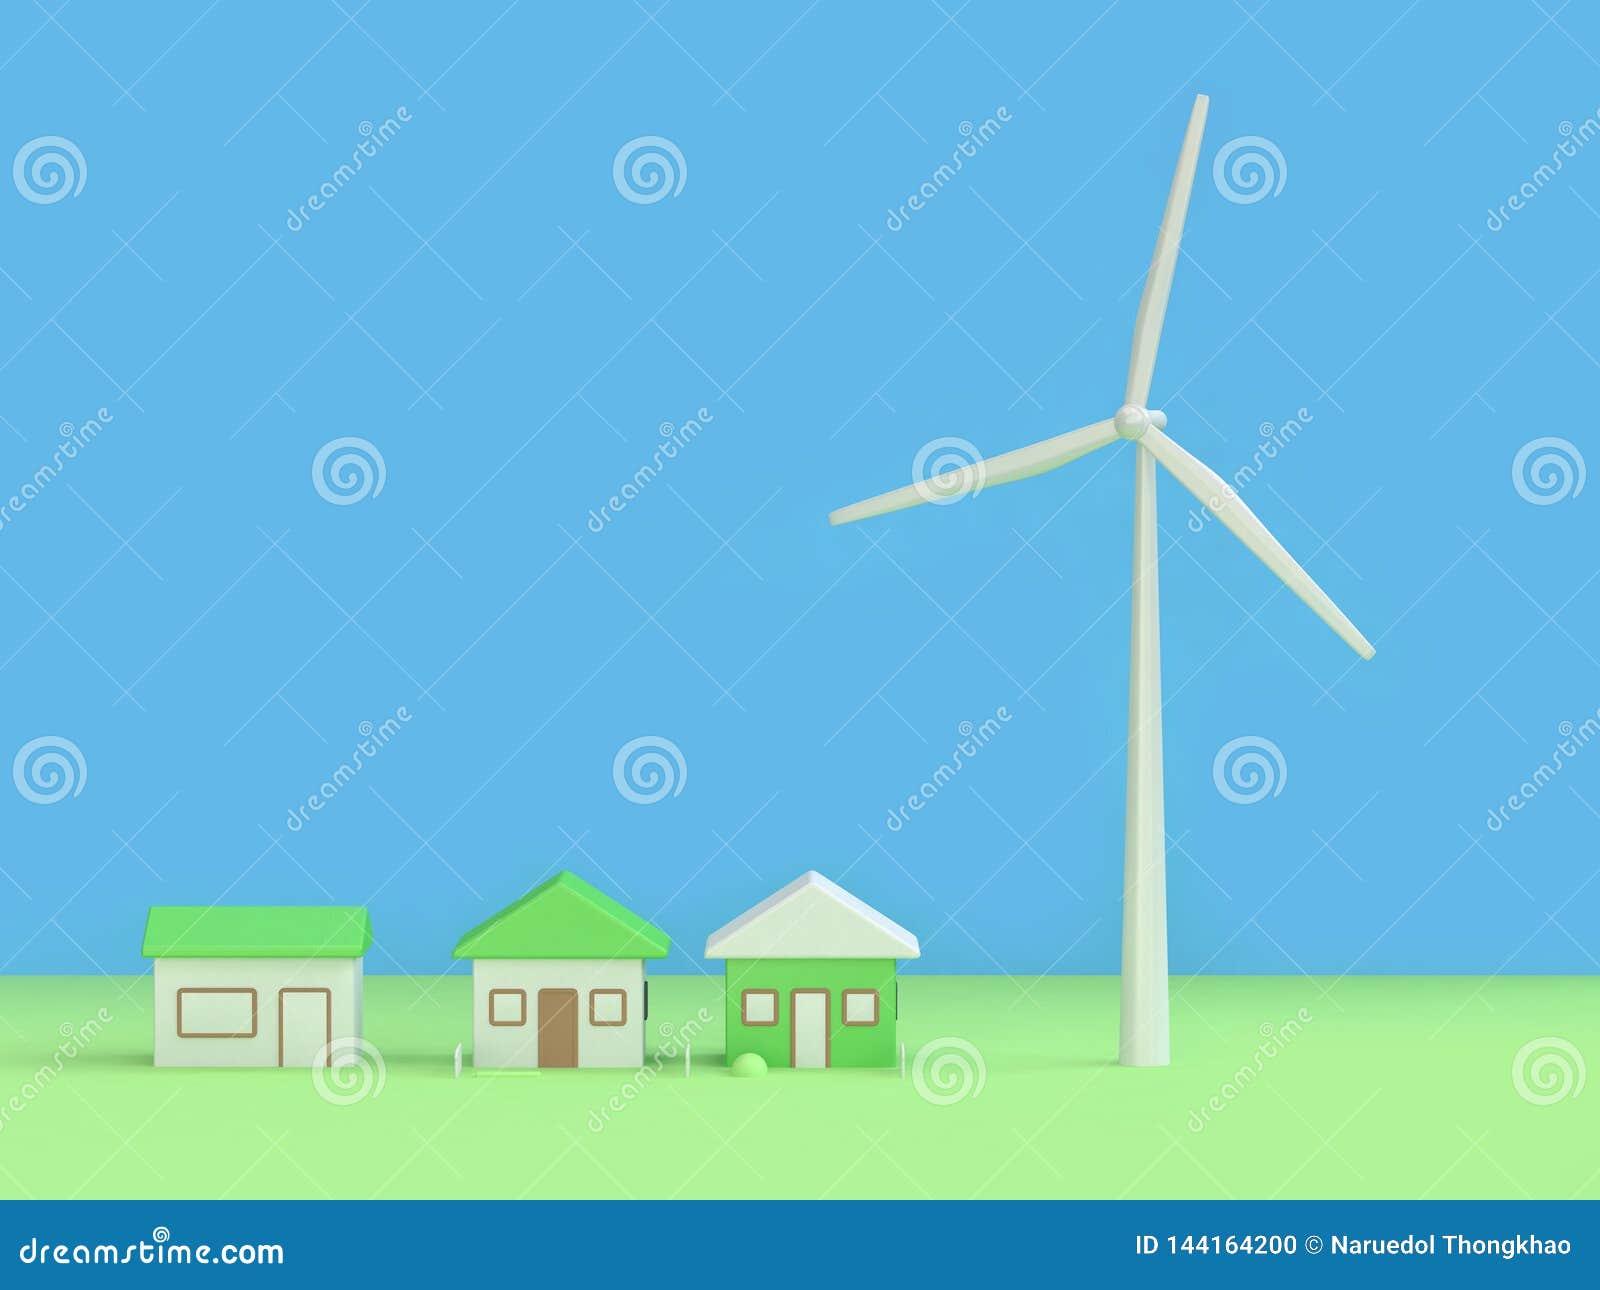 Bakgrund 3d för hus för vindturbin abstrakt grön blå att framföra, begrepp för jord för förnybara energikällormiljöräddning